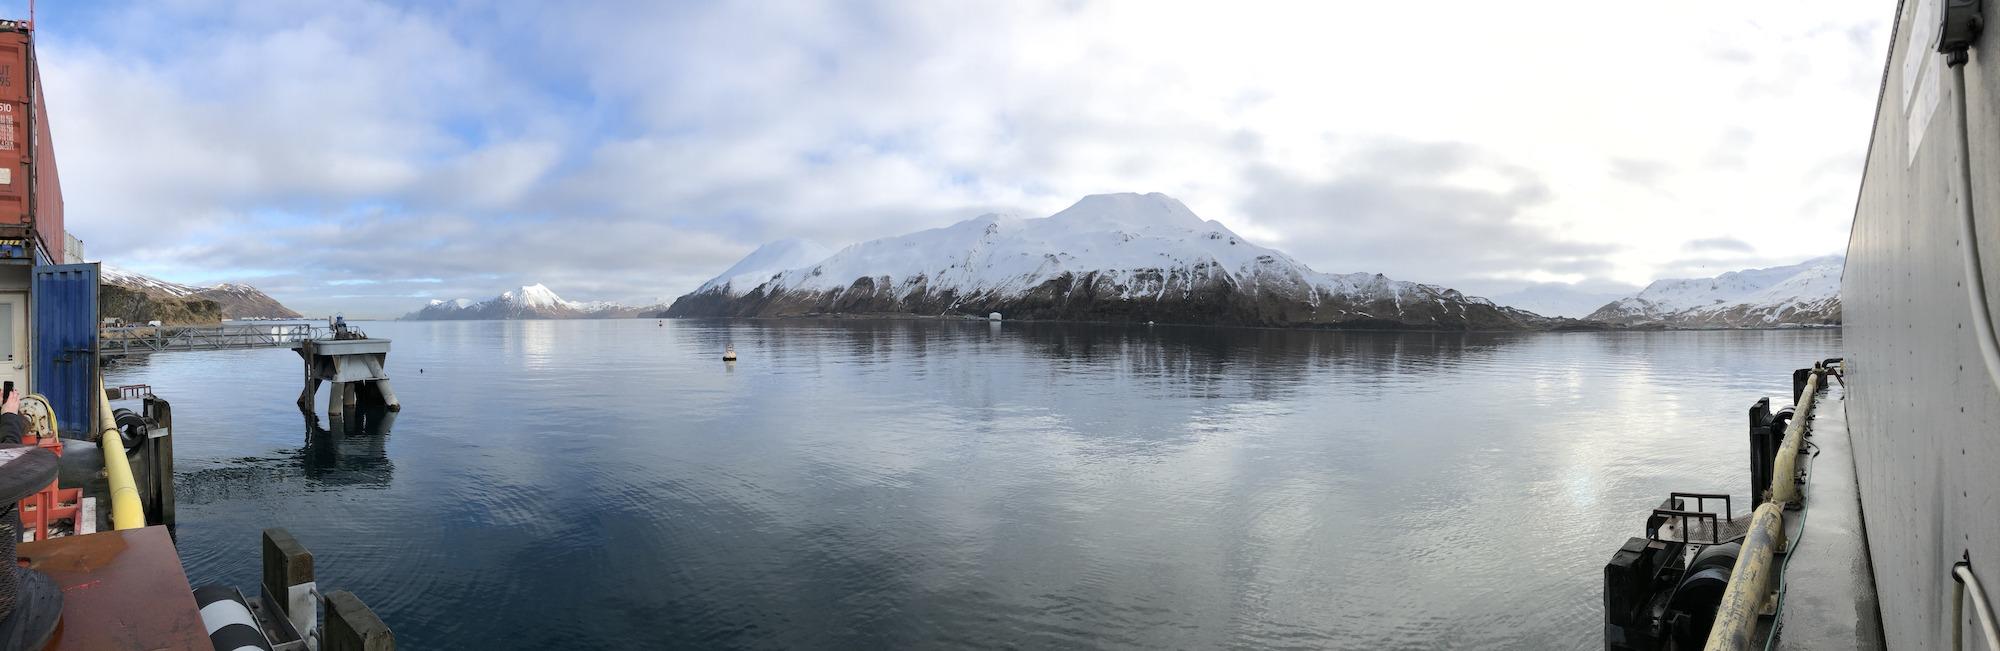 Hyster Alaska Films